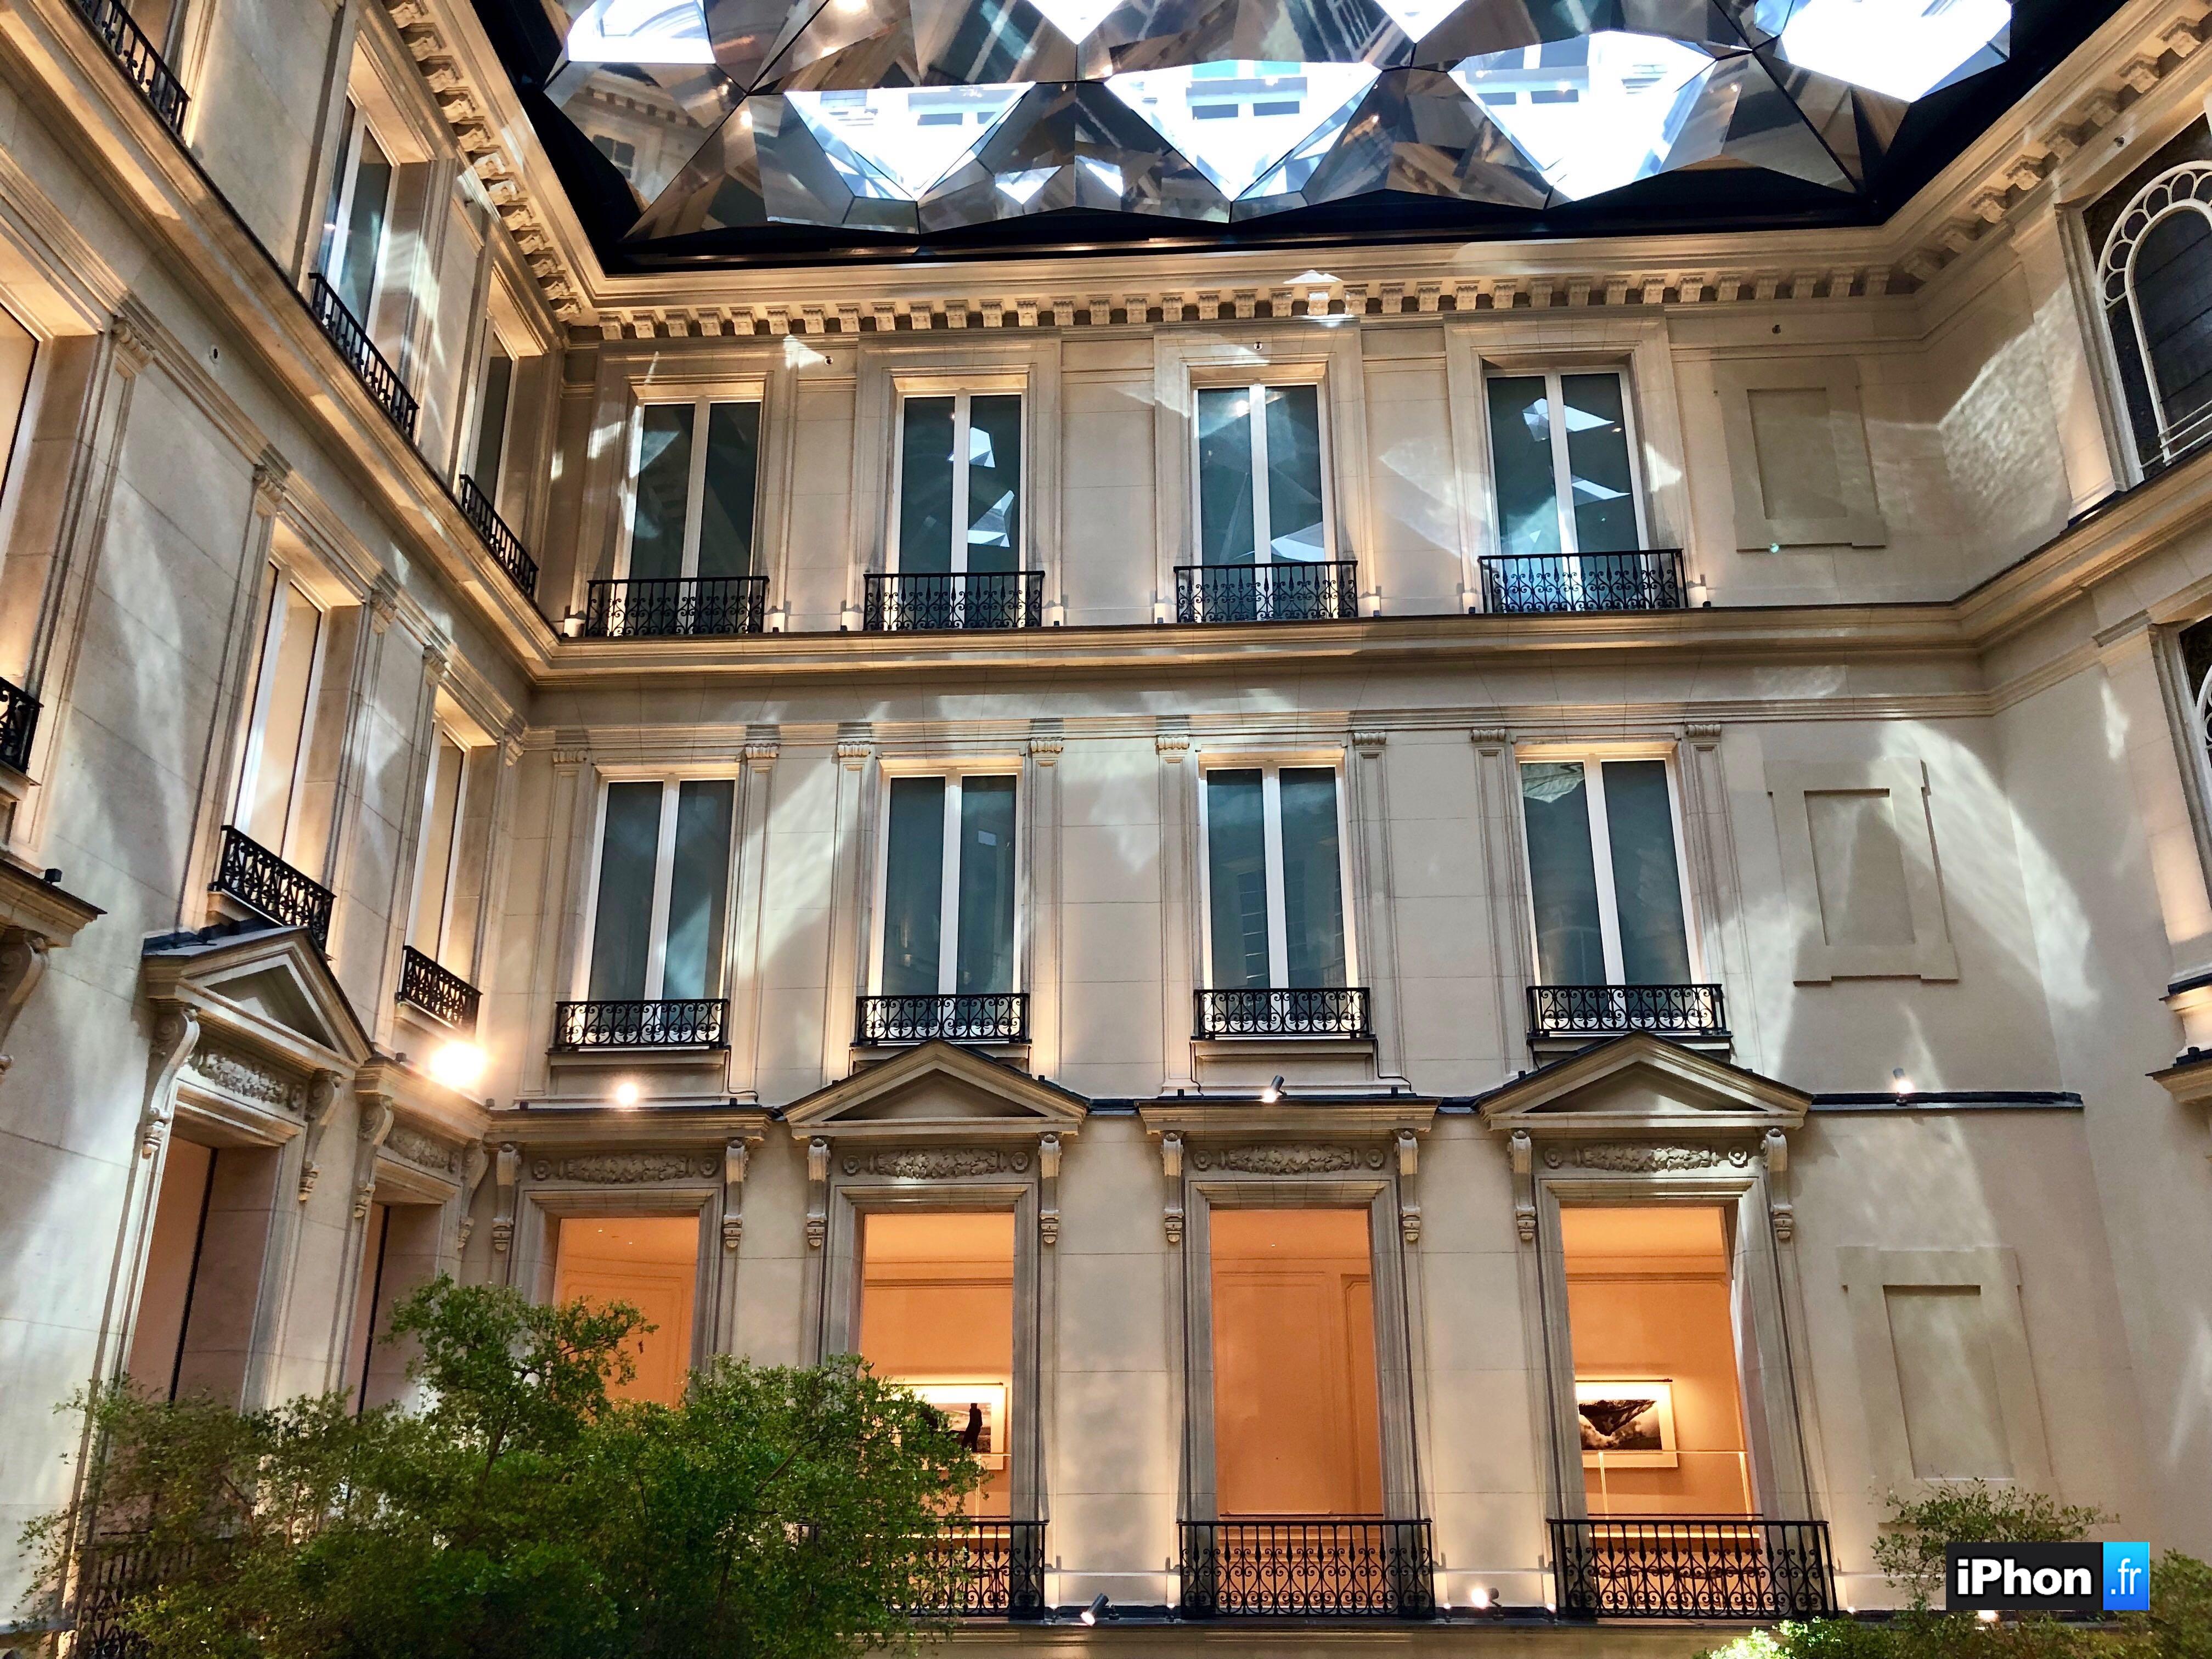 Avant-première : découverte en photos et vidéo du nouvel Apple Store des Champs-Élysées 1